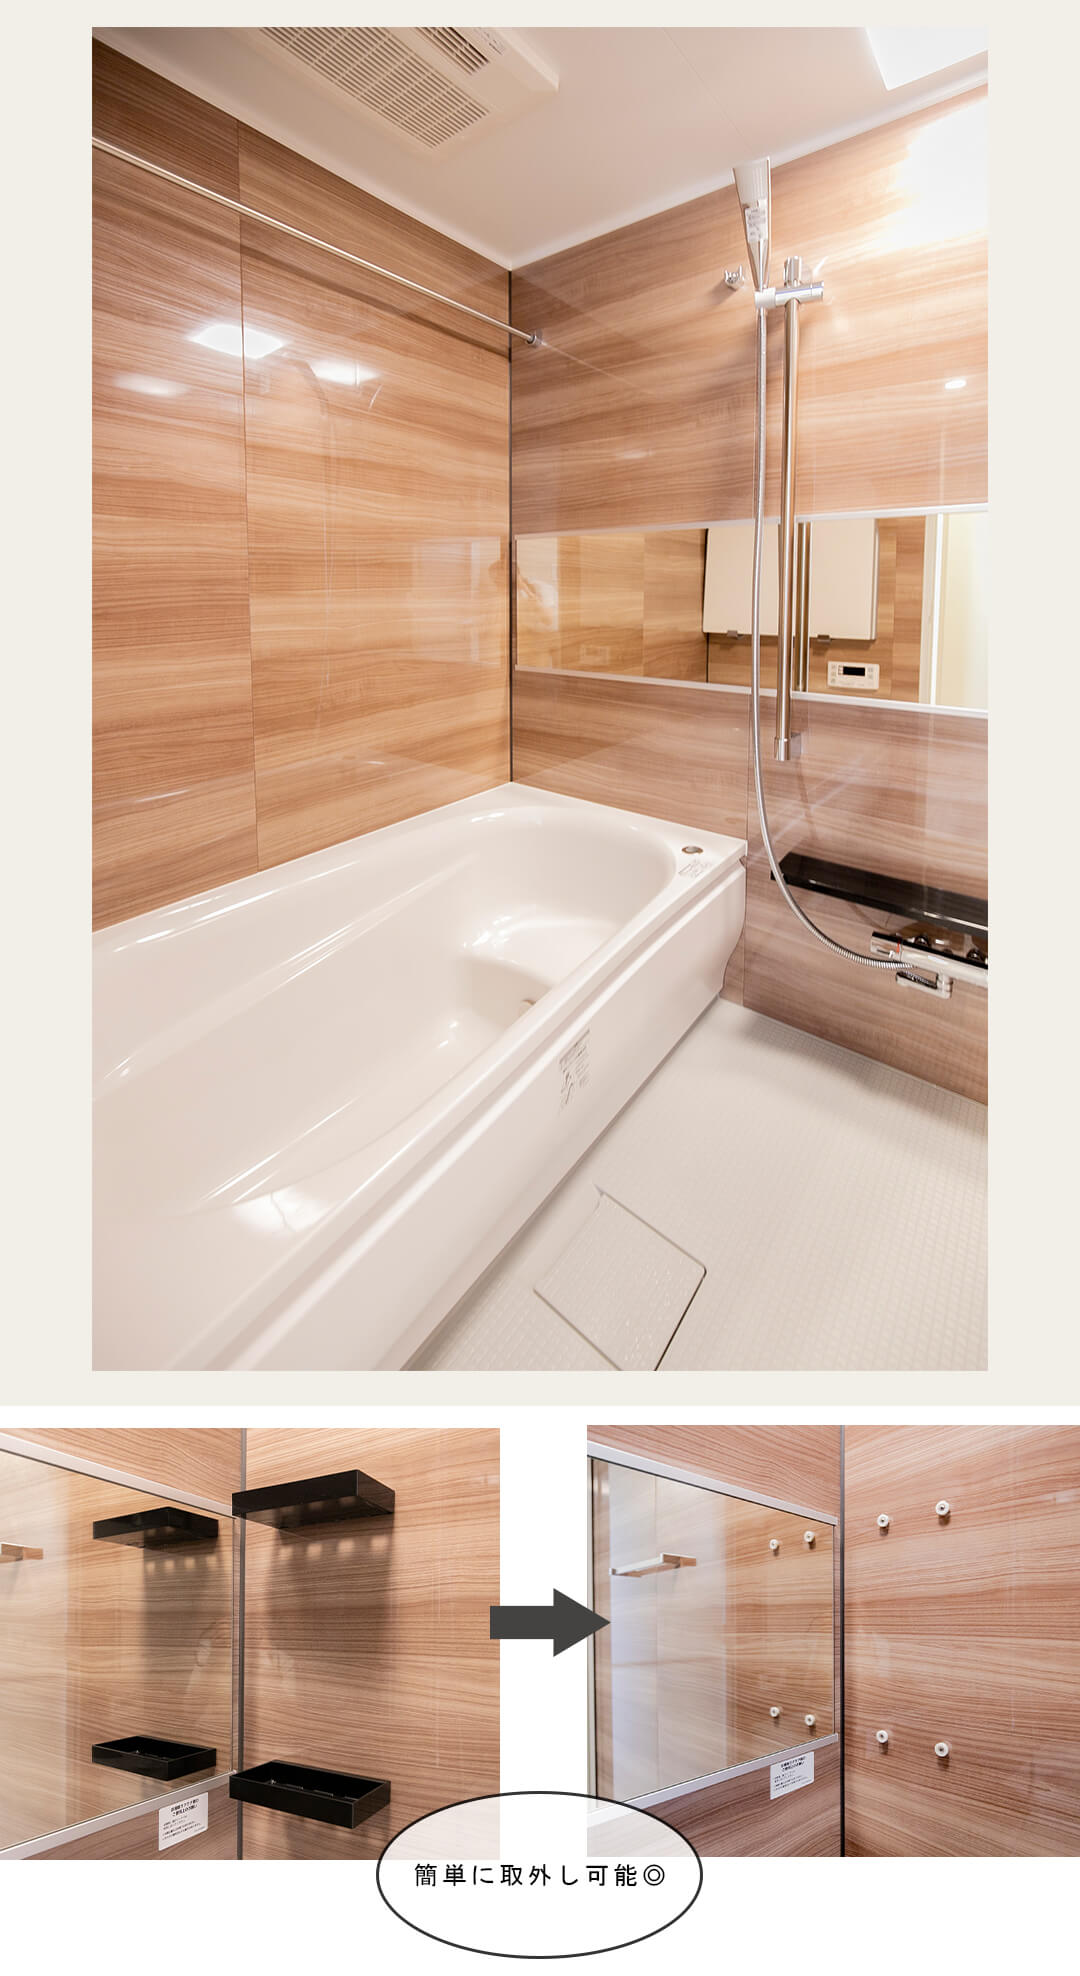 マンション恵比寿苑の浴室